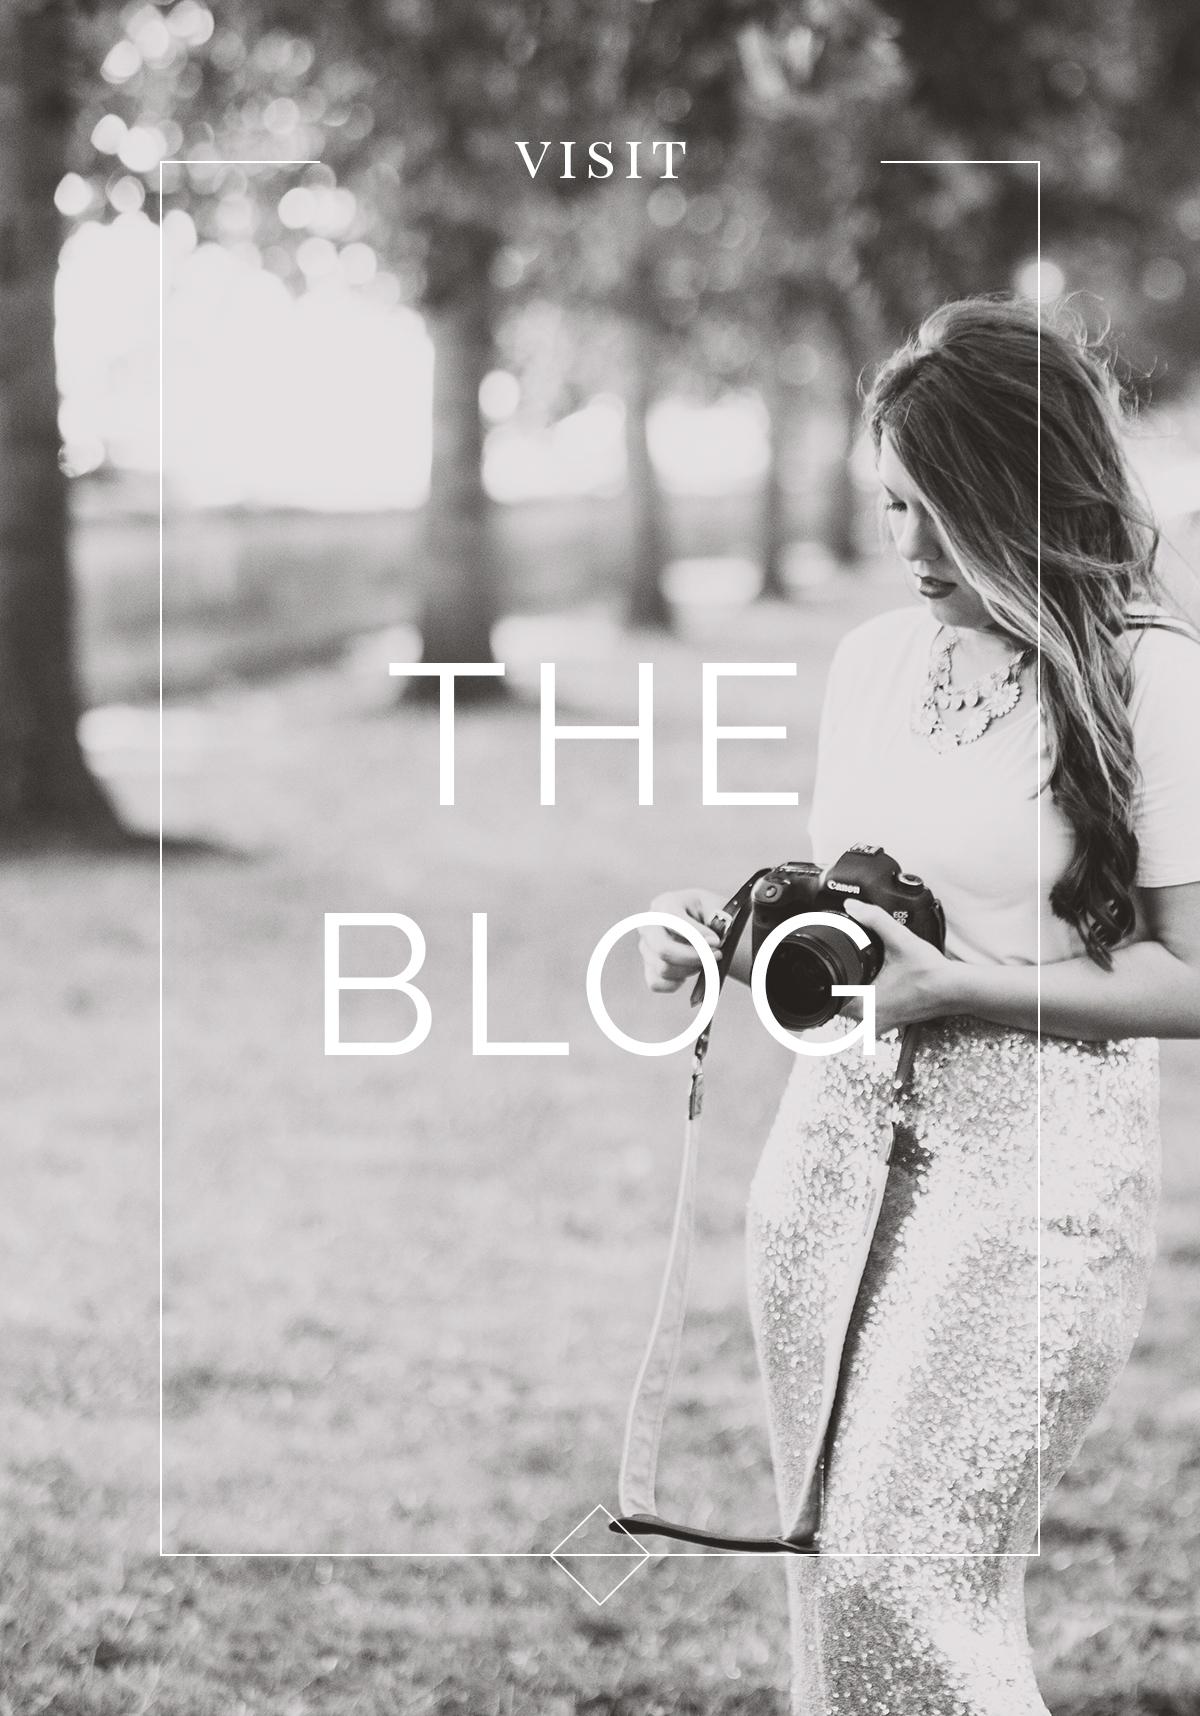 blogblog.jpg